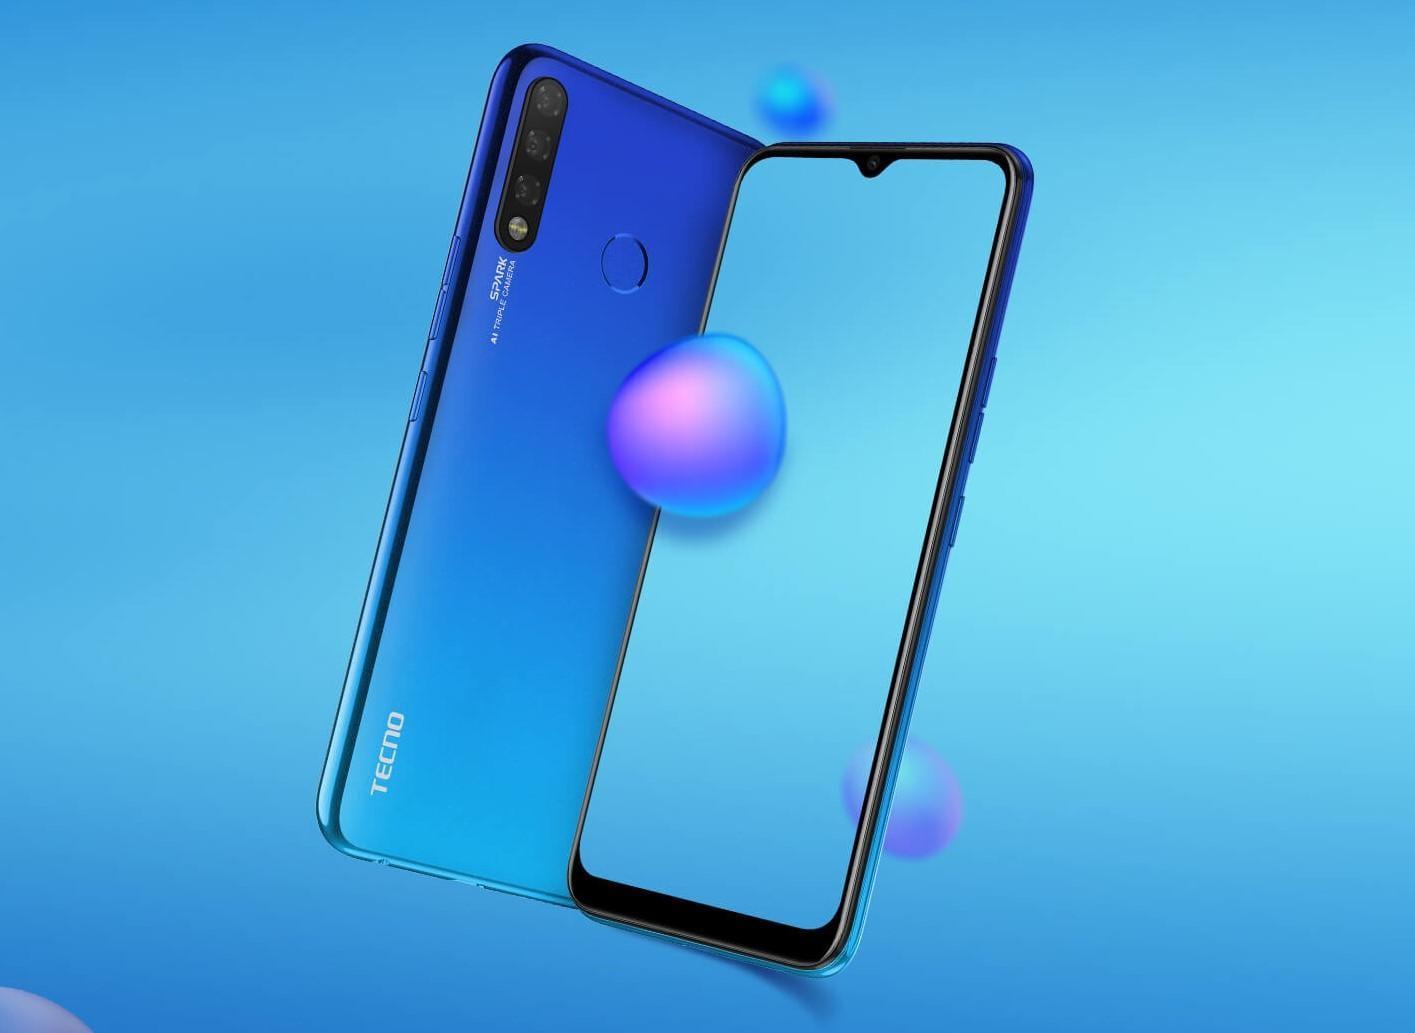 Компания Tecno выпустит в России два бюджетных смартфона с тонкими рамками и вырезом-каплей (tecno spark 4 screen)